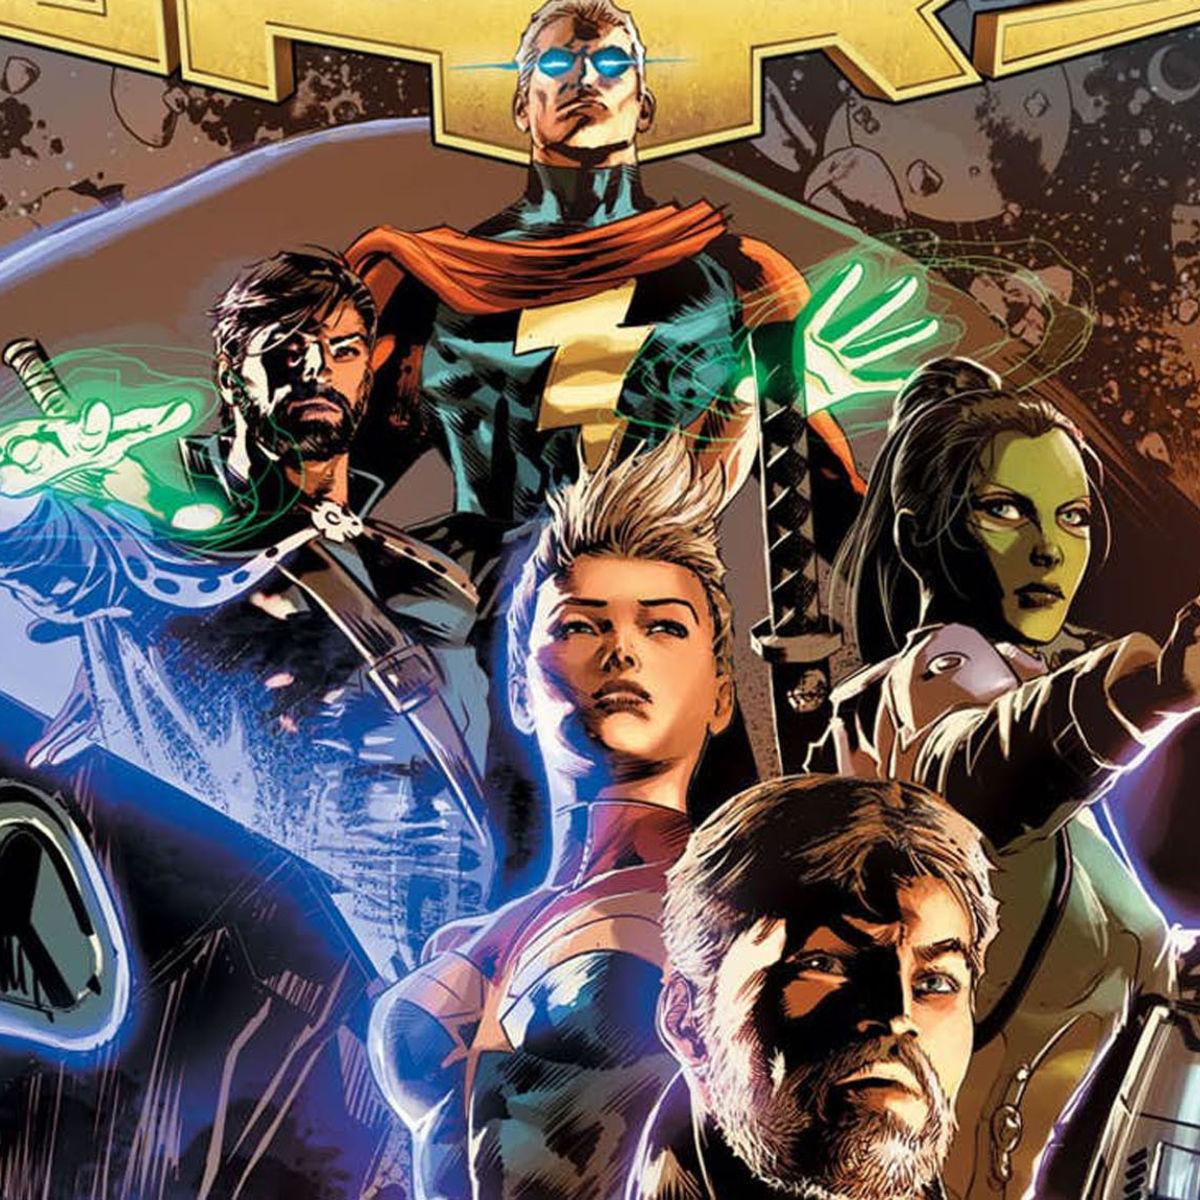 infinity_wars_1_hero_image.jpg